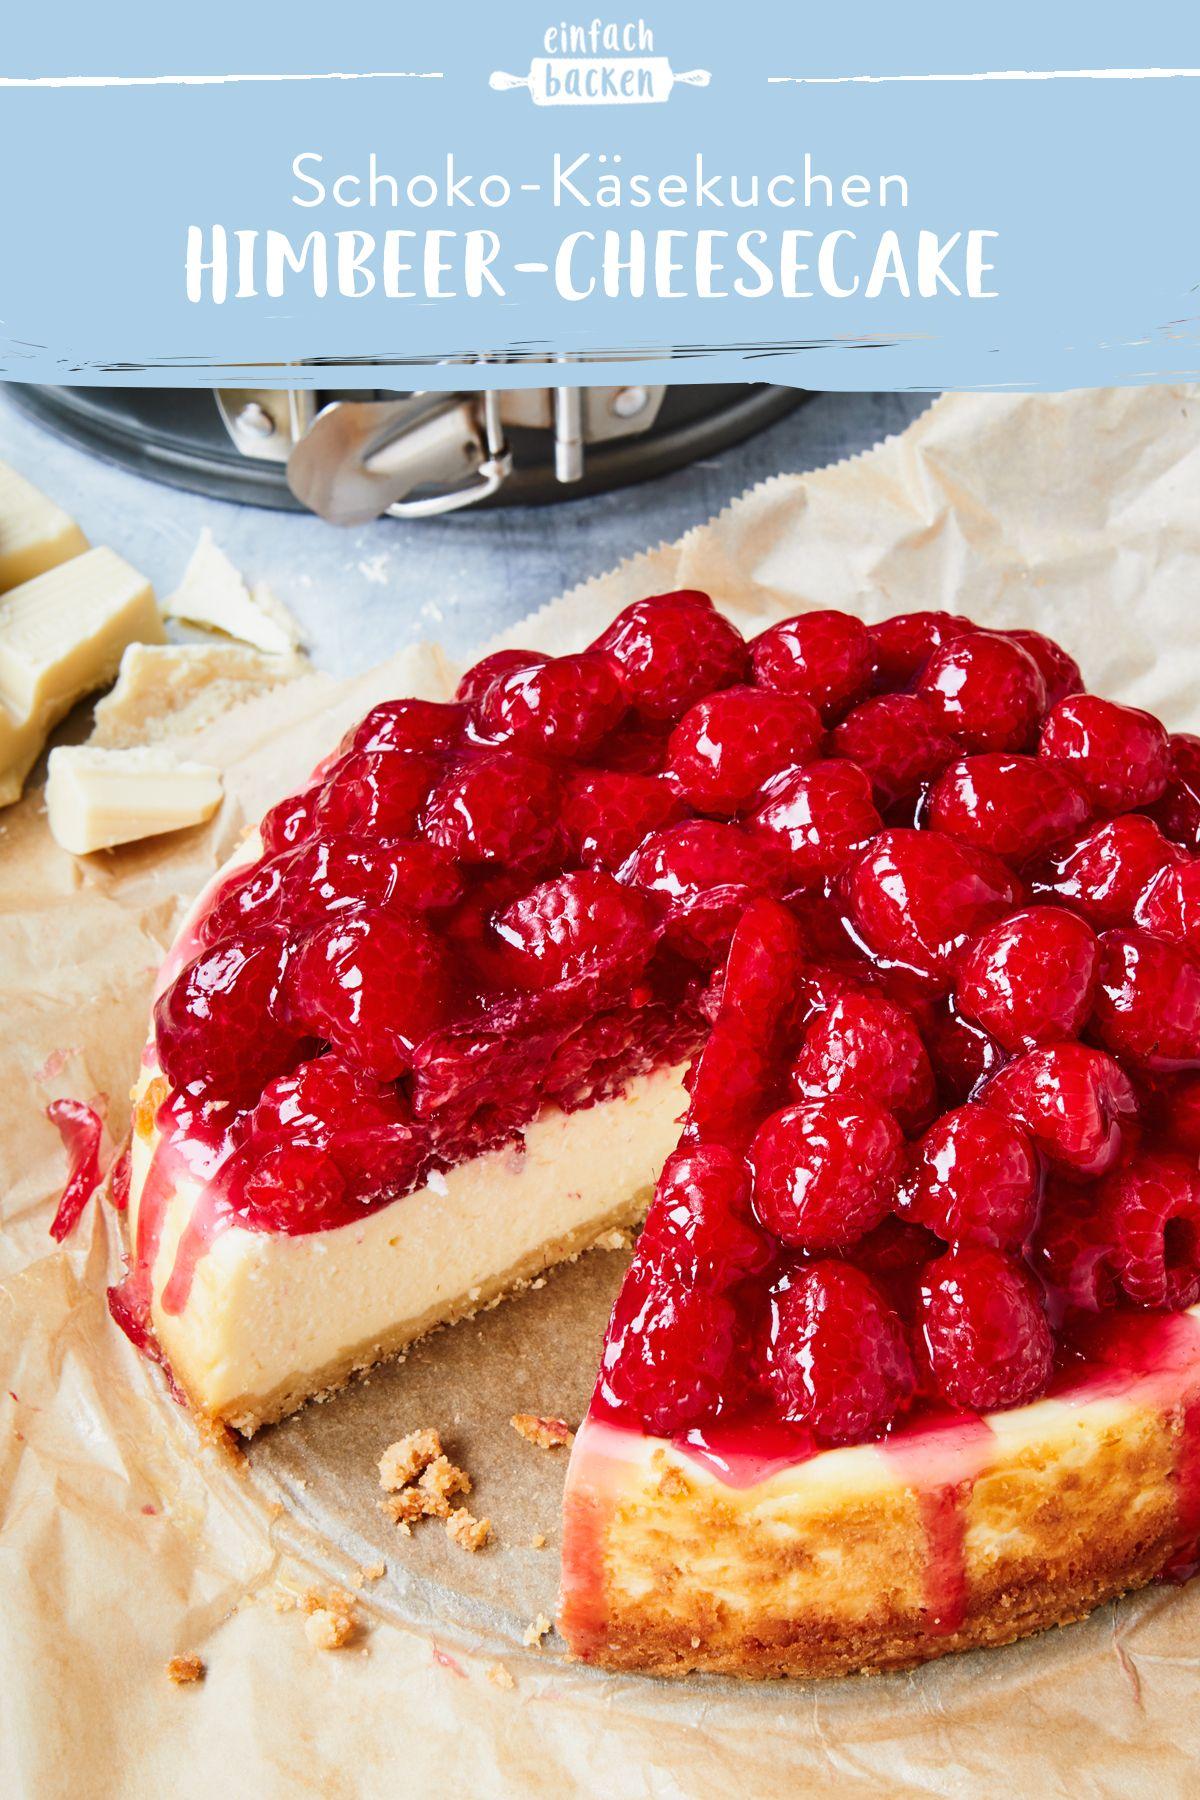 Himbeer-Cheesecake mit weißer Schokolade #whitechocolateraspberrycheesecake